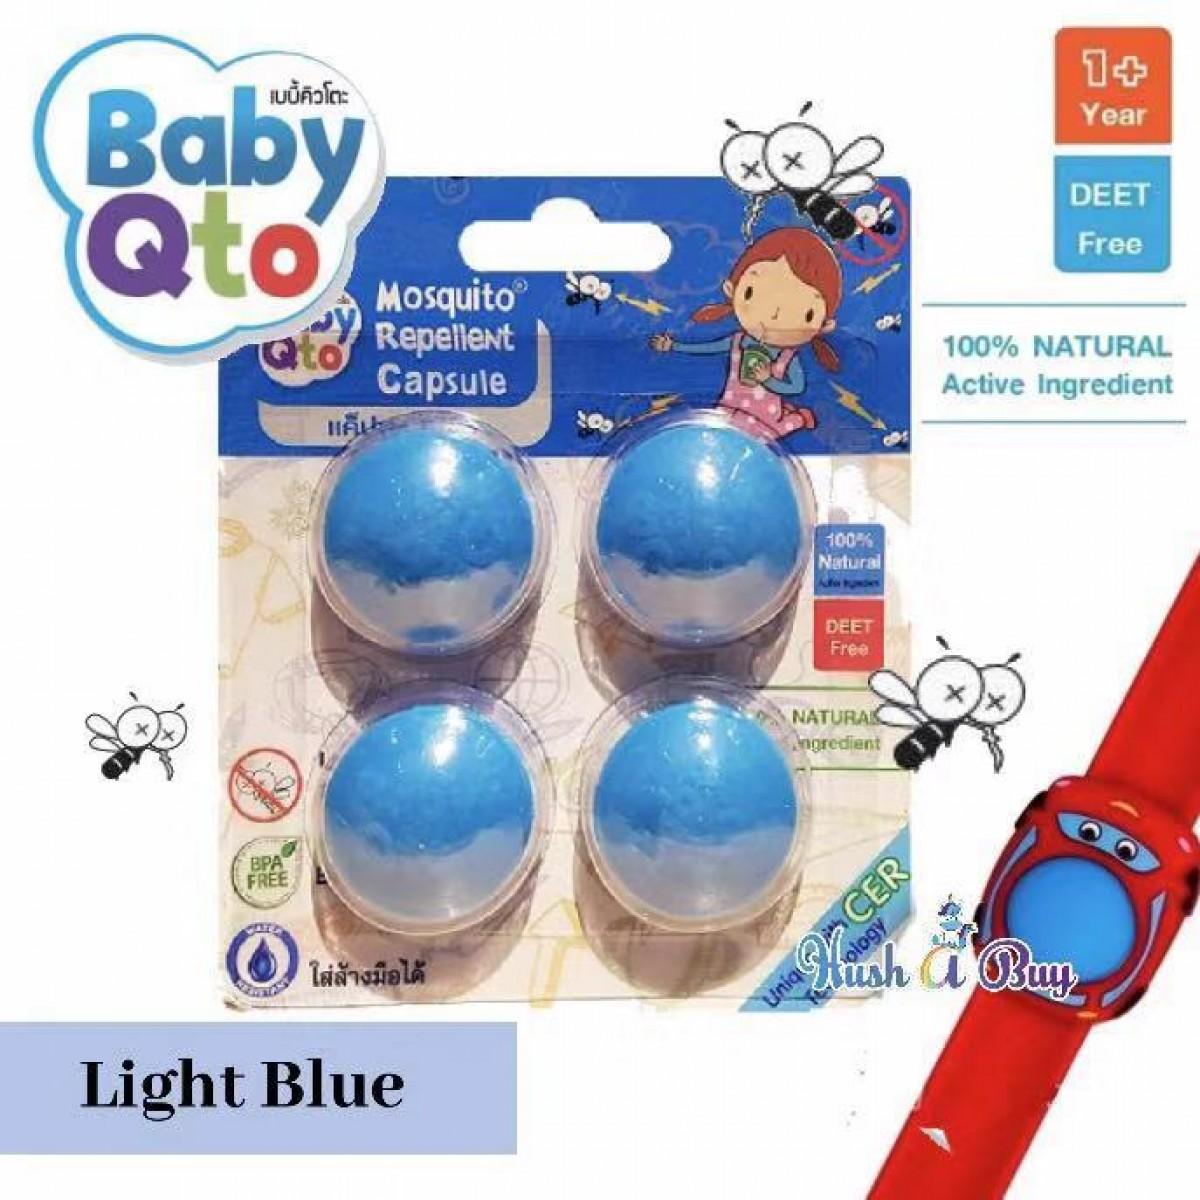 Baby Qto Mosquito Repellent Capsule - 4pcs